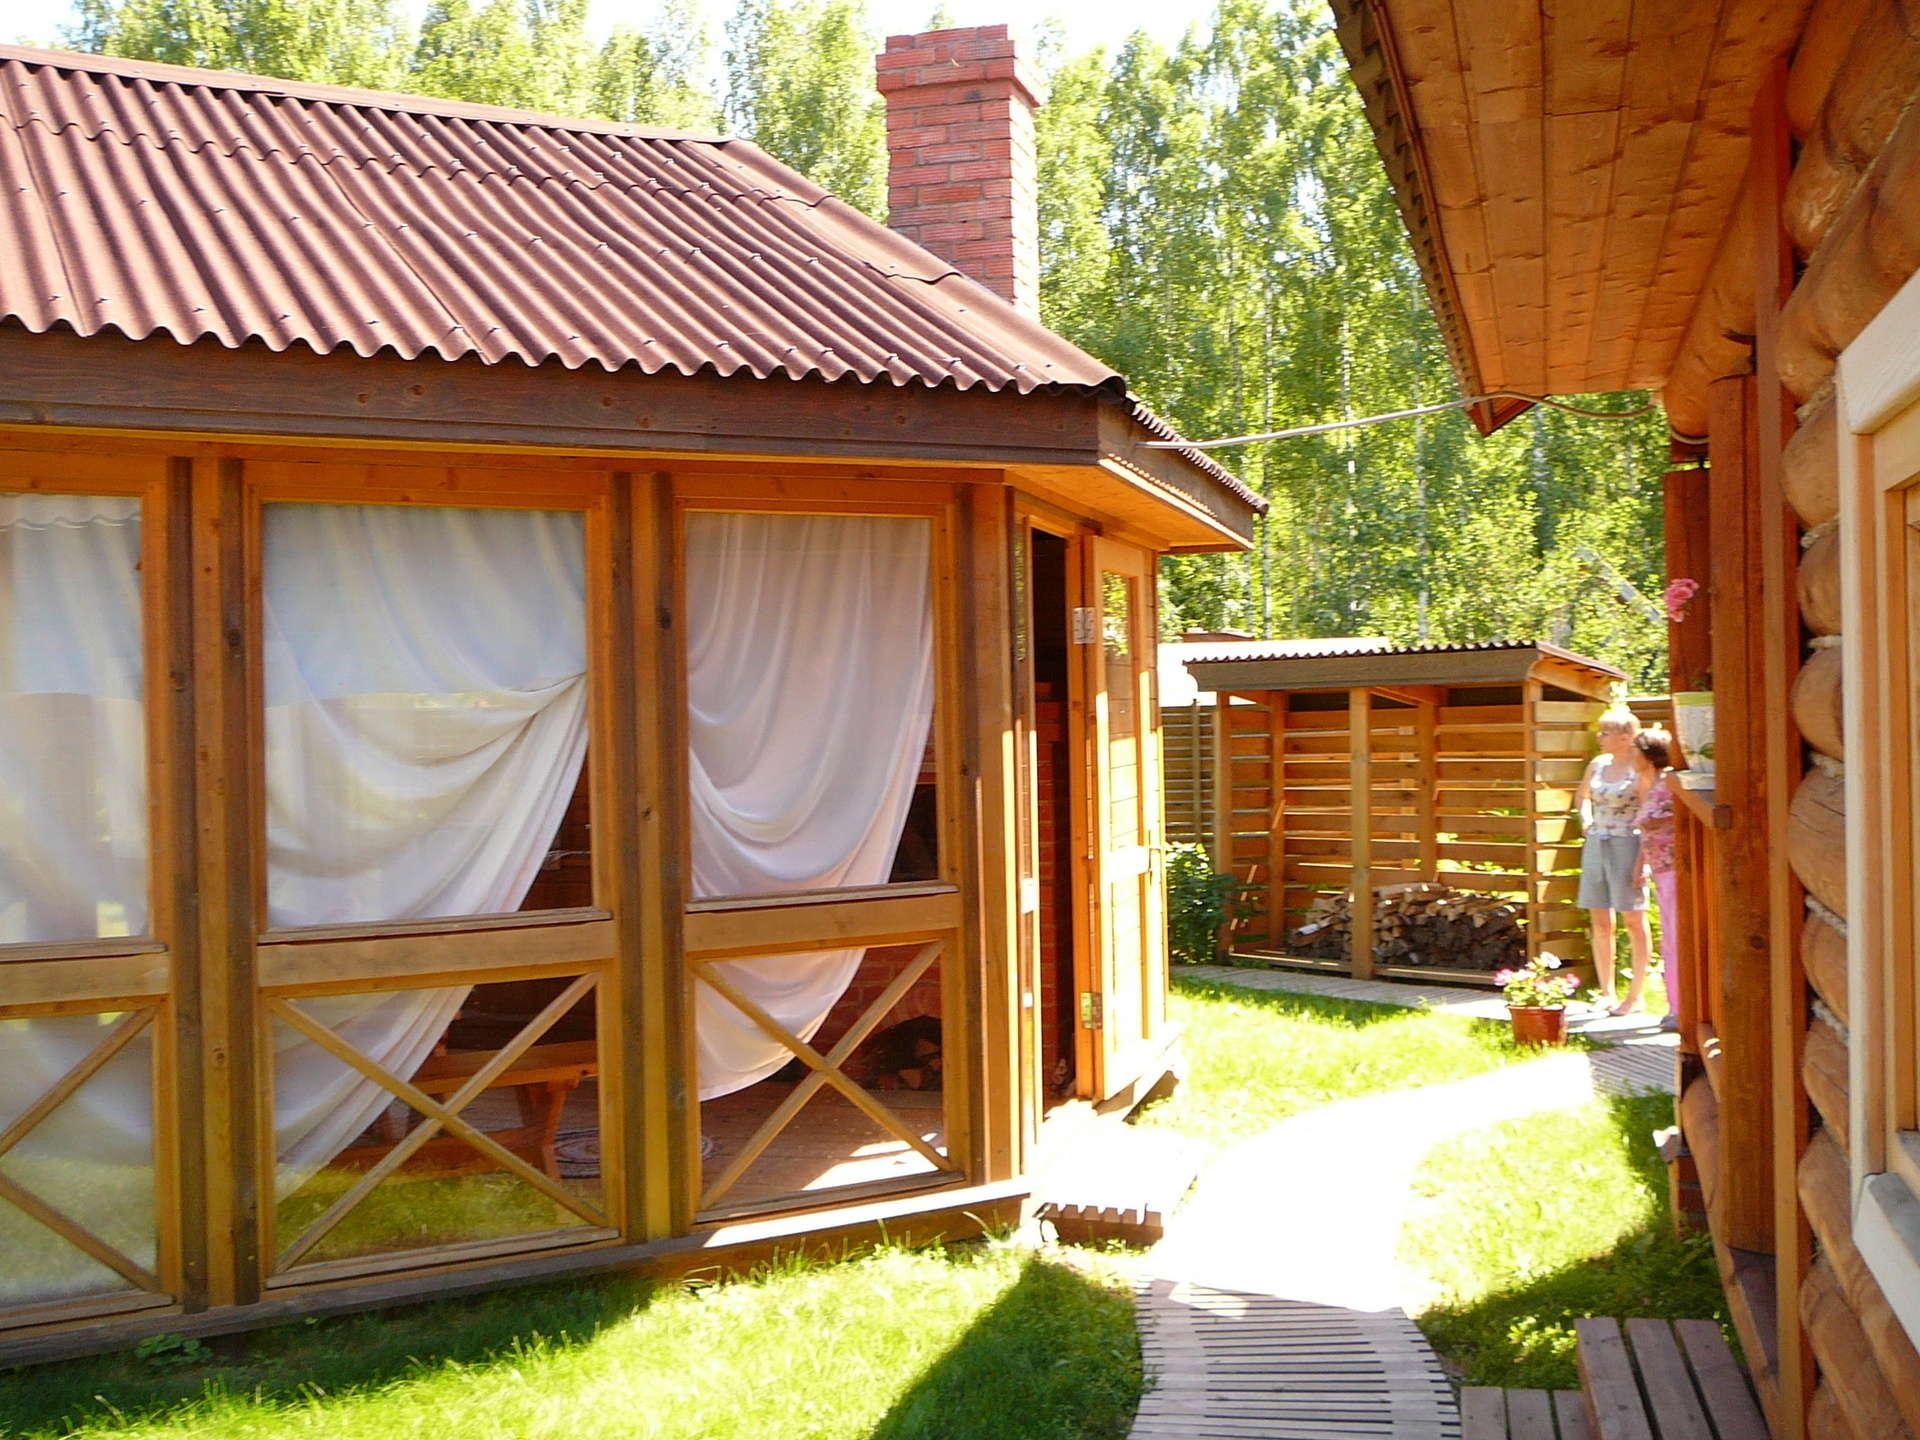 Проект бани с беседкой: баня с беседкой под одной крышей, проекты для строительства бани